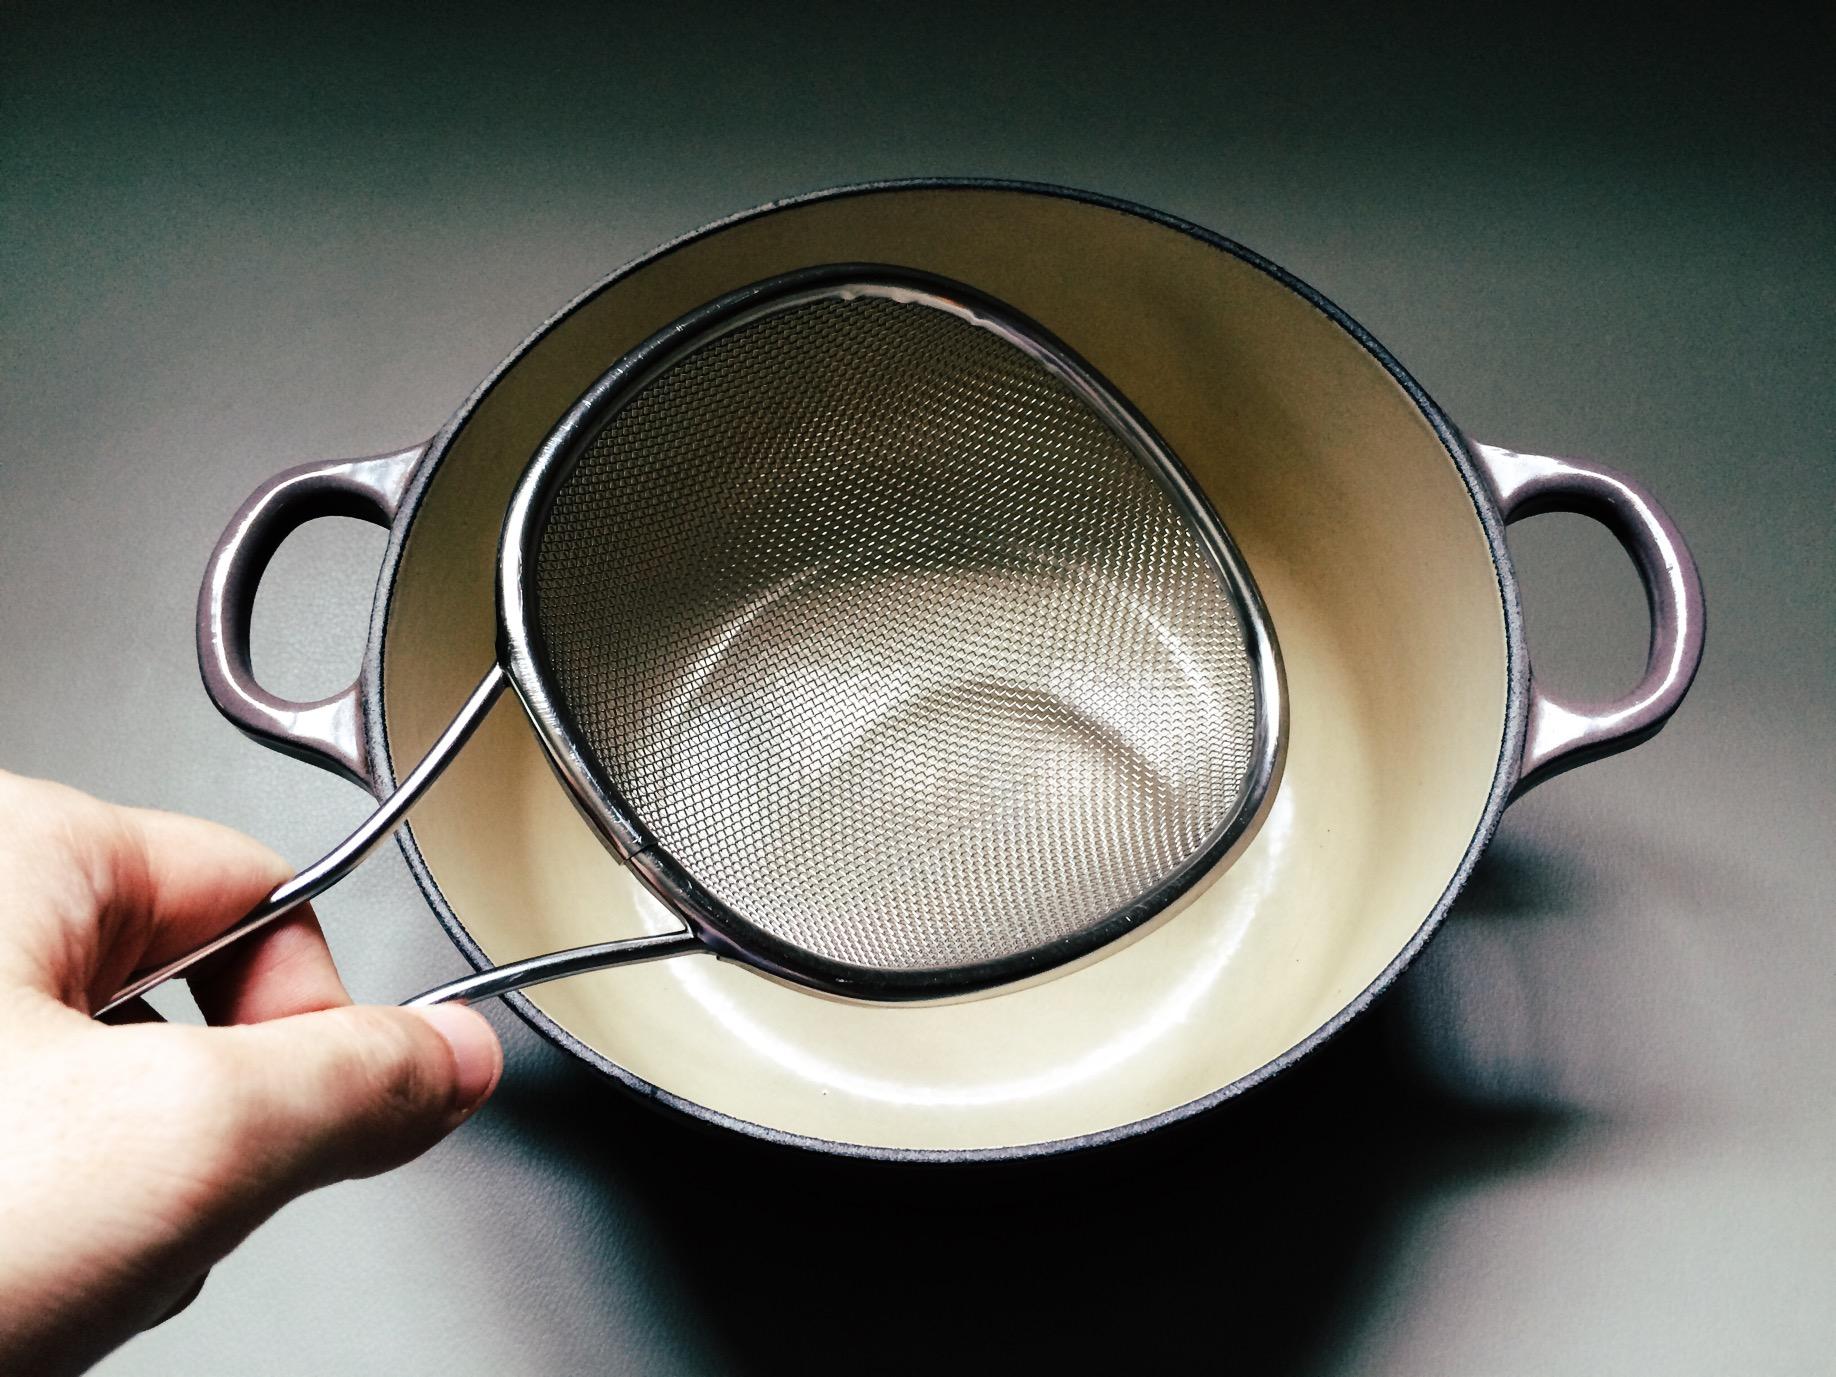 大撈杓in 20公分鑄鐵鍋